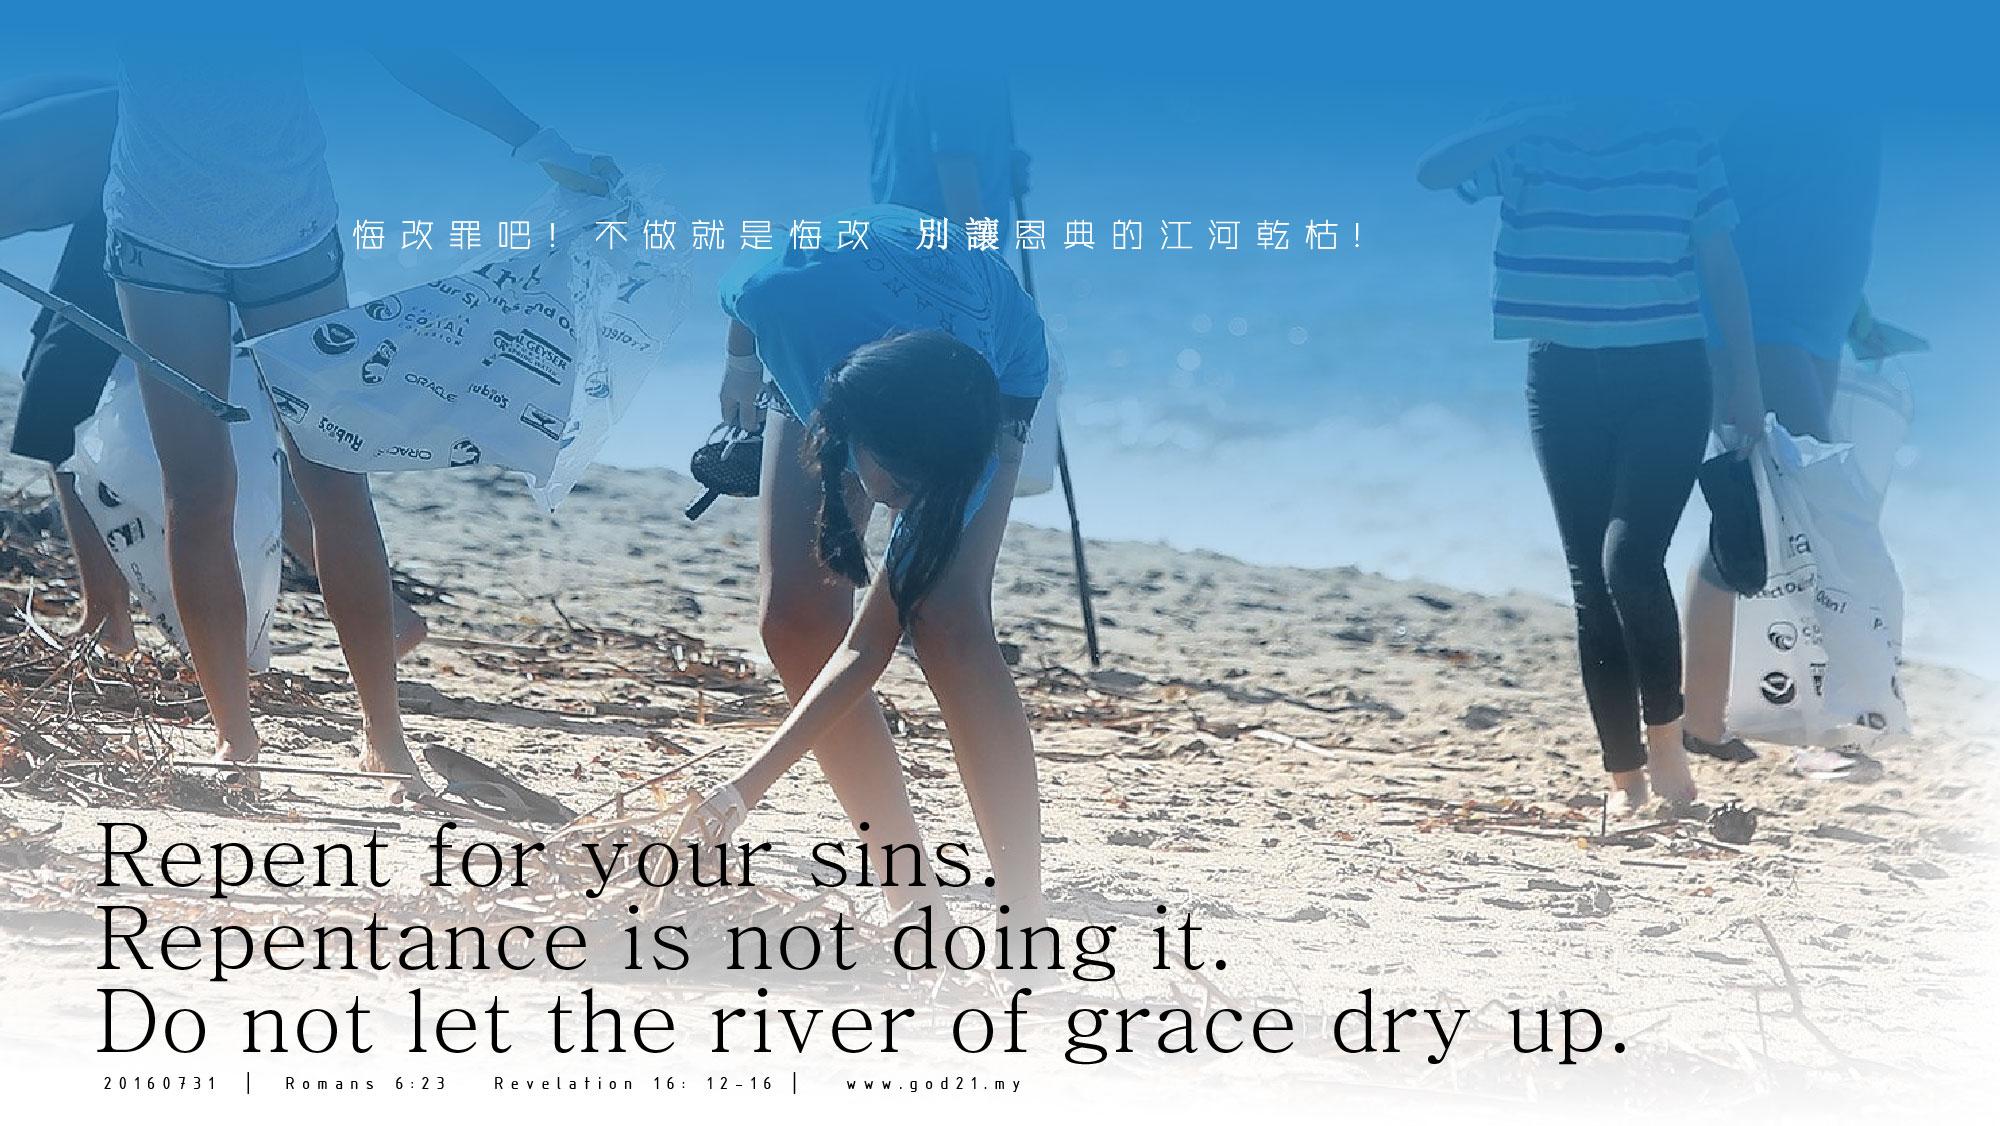 悔改罪吧!不做就是悔改 別讓恩典的江河乾枯